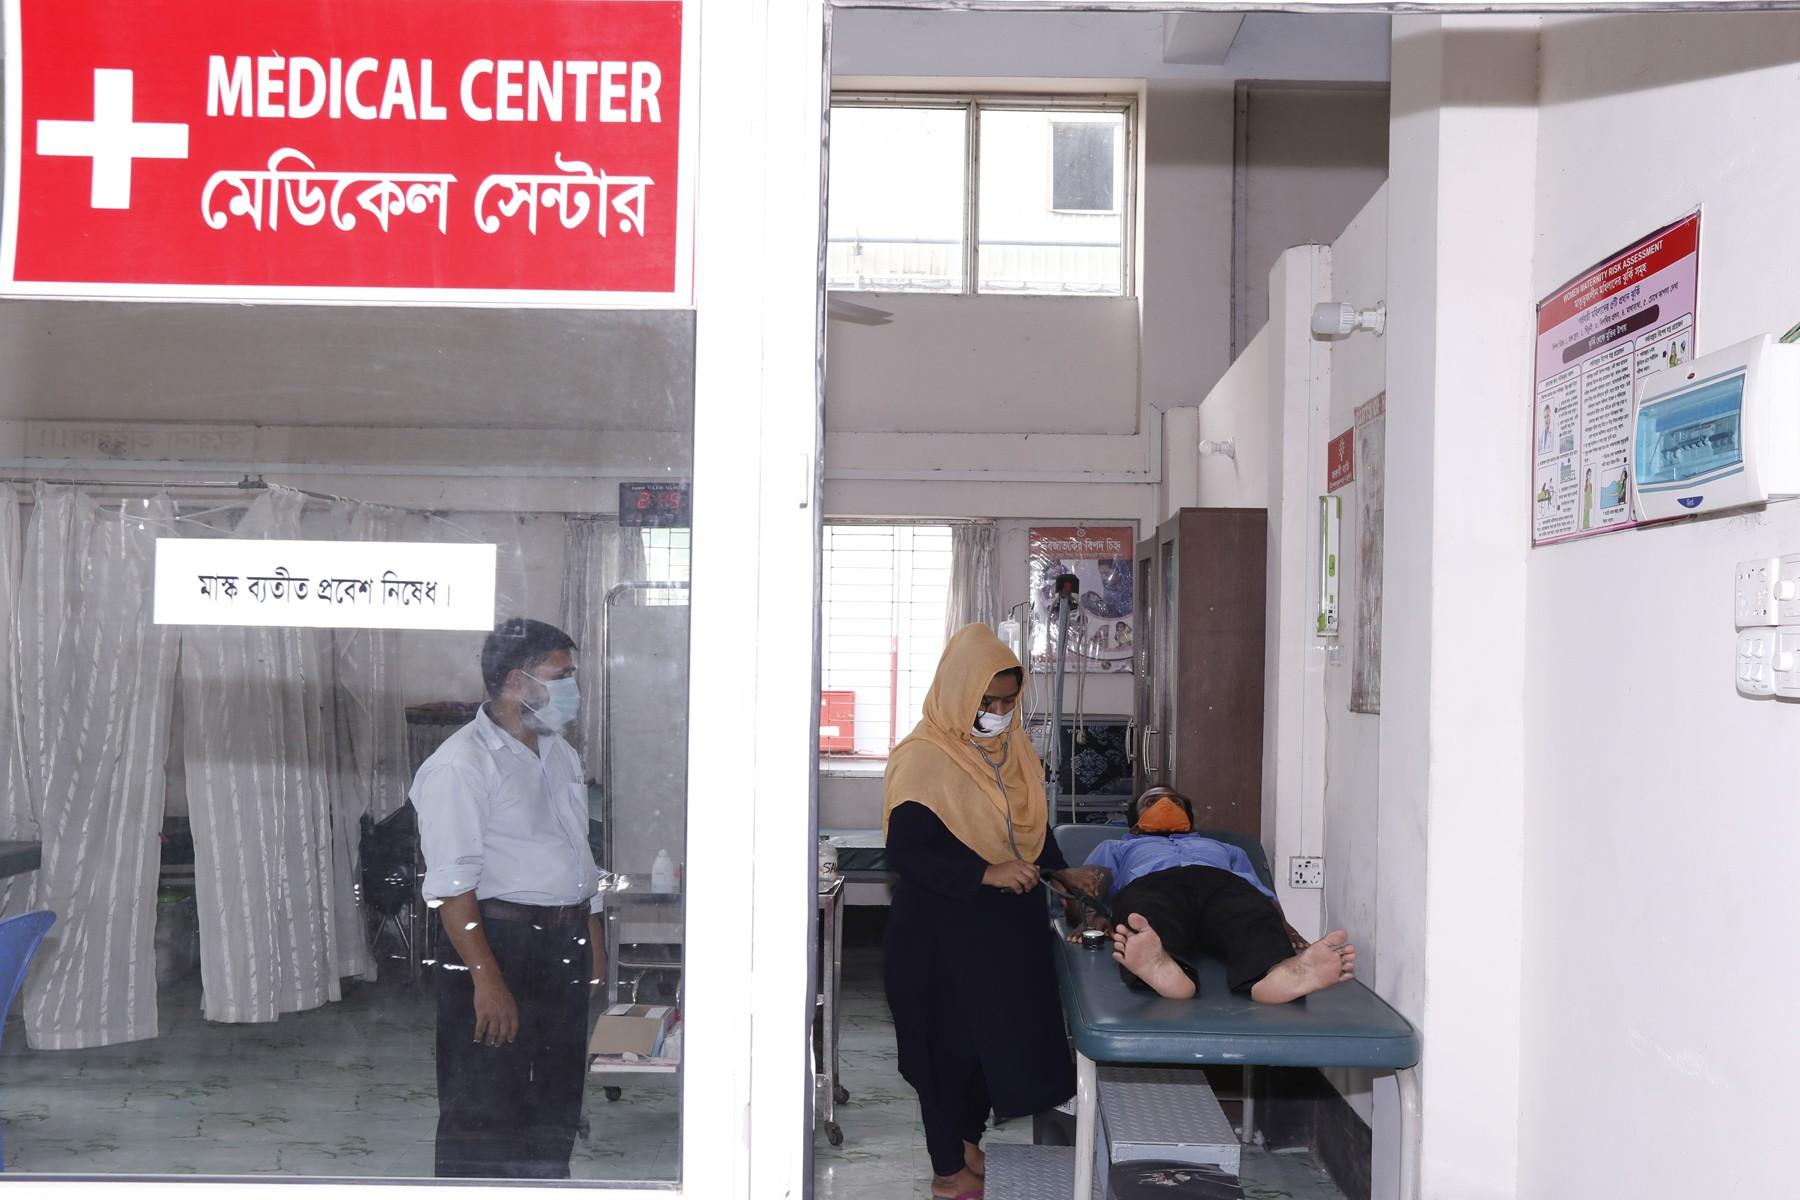 PIP Medical Center